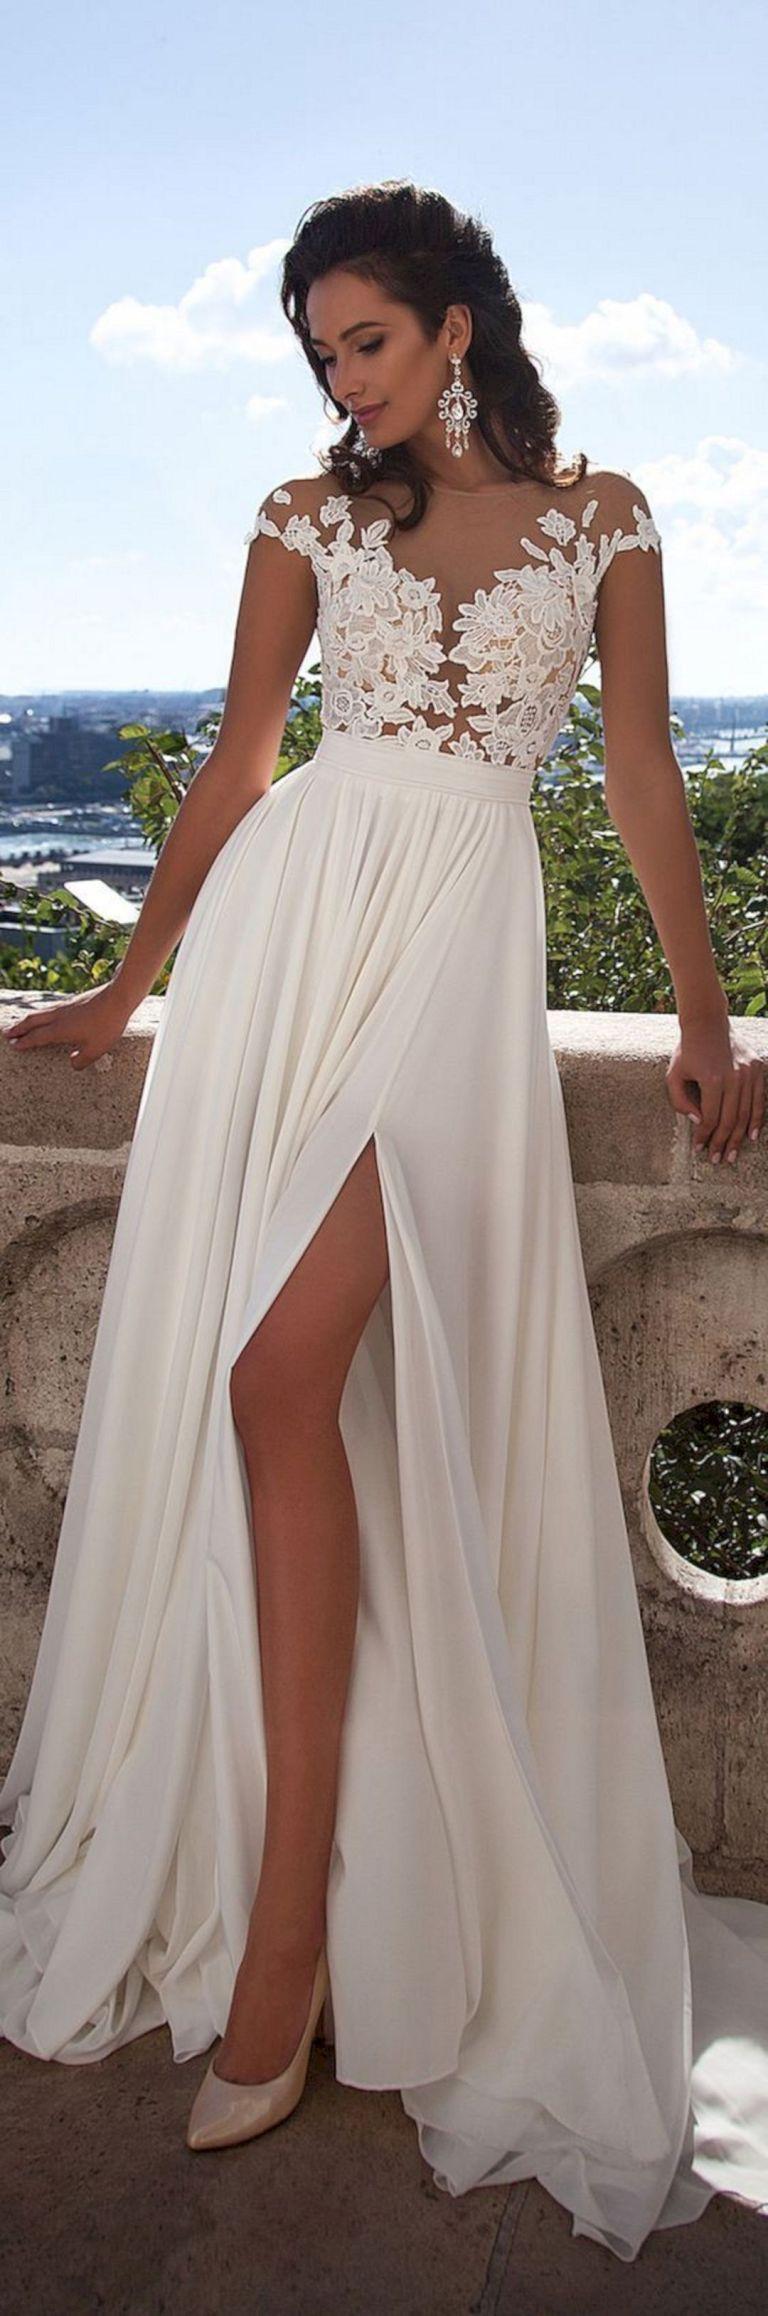 Summer wedding dress ideas wedding dresses pinterest